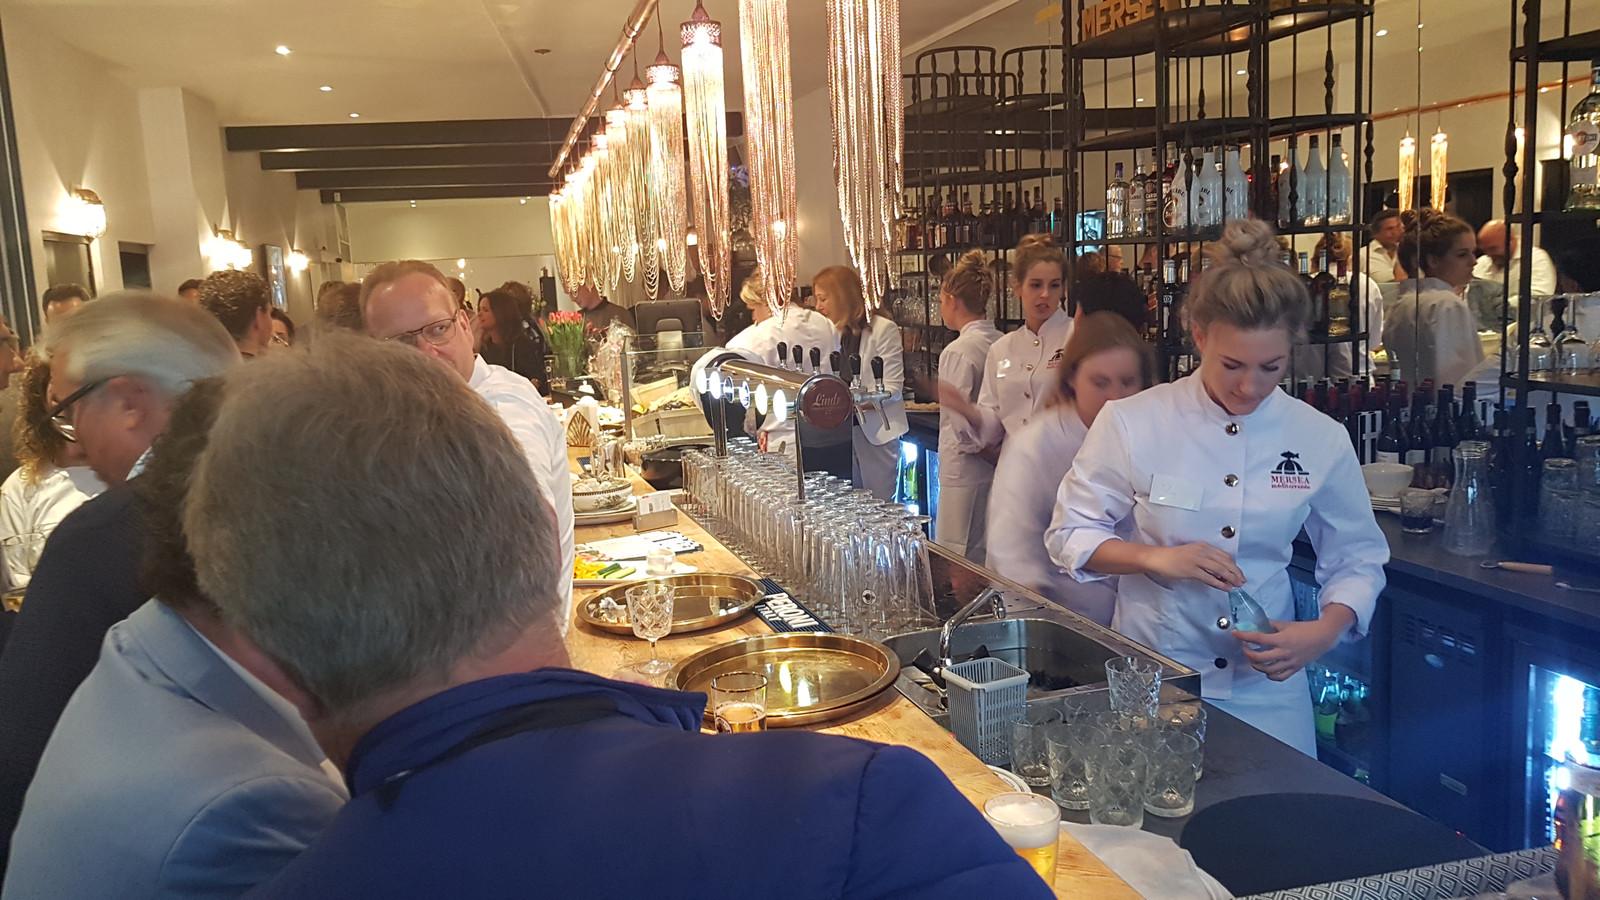 De bar in het café-restaurant.